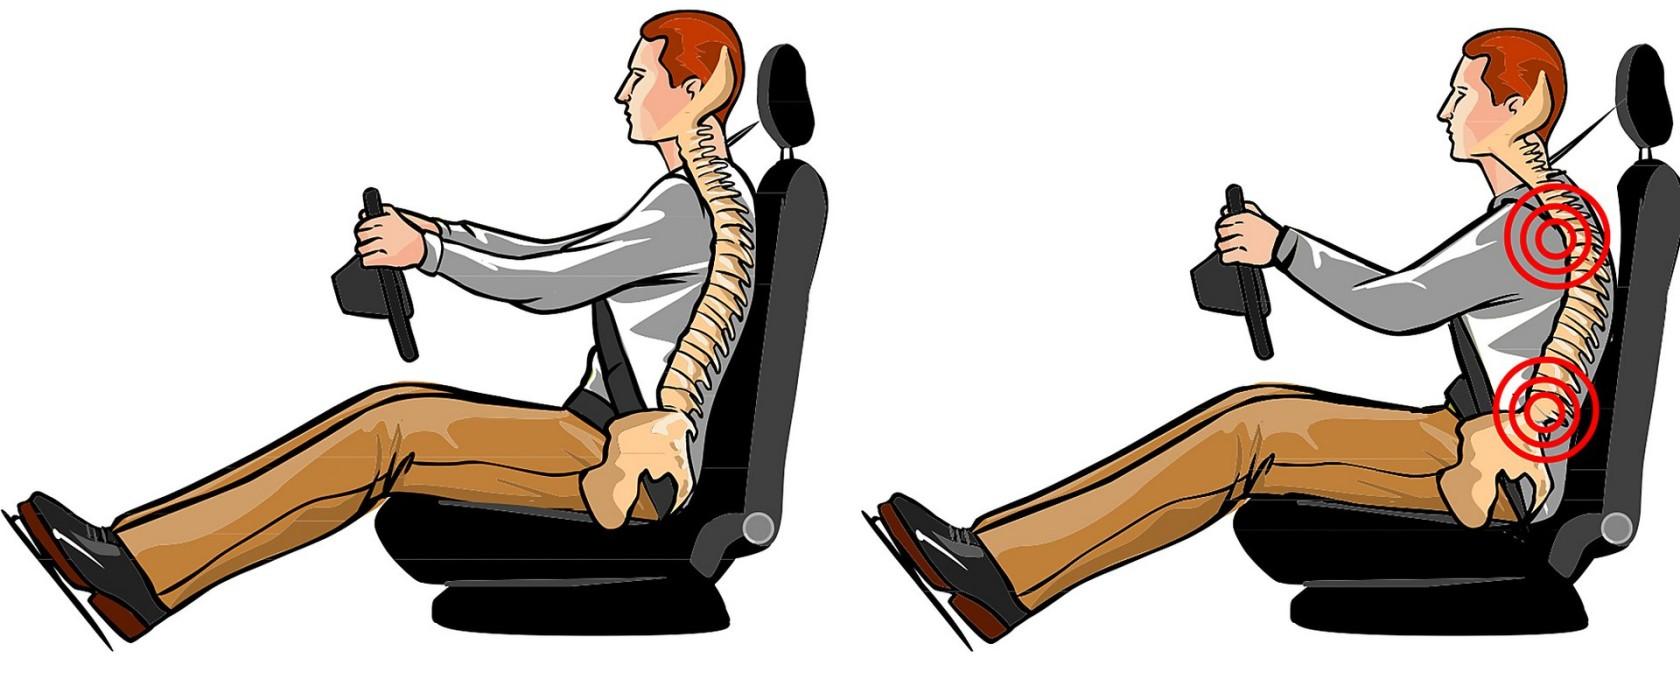 Come trovare la corretta posizione di guida auto ...